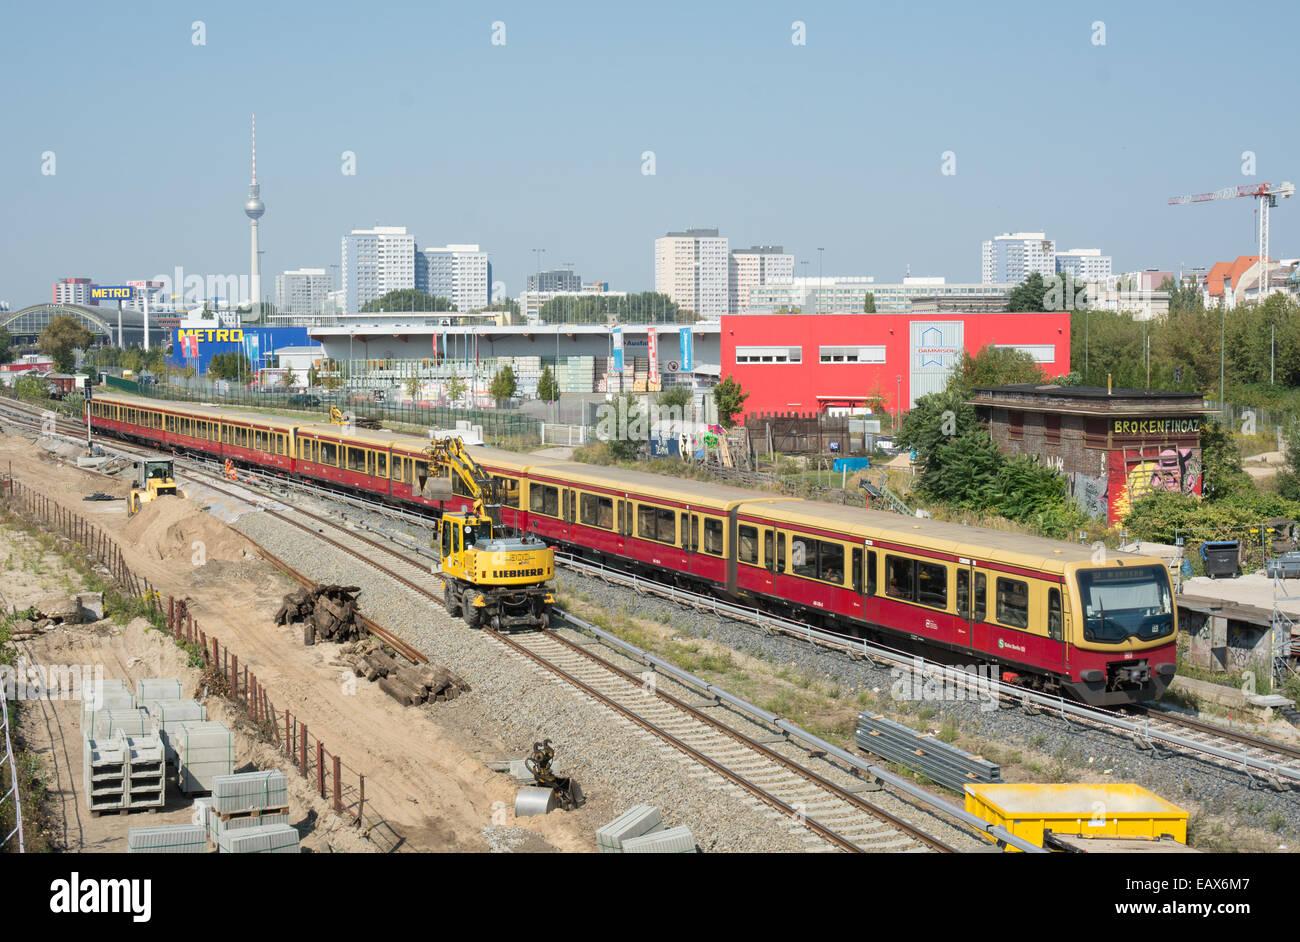 Ein DB-S-Bahn-Zug geht Rail engineering-arbeiten in der Nähe Warschauer Straße Bahnhof Stockbild